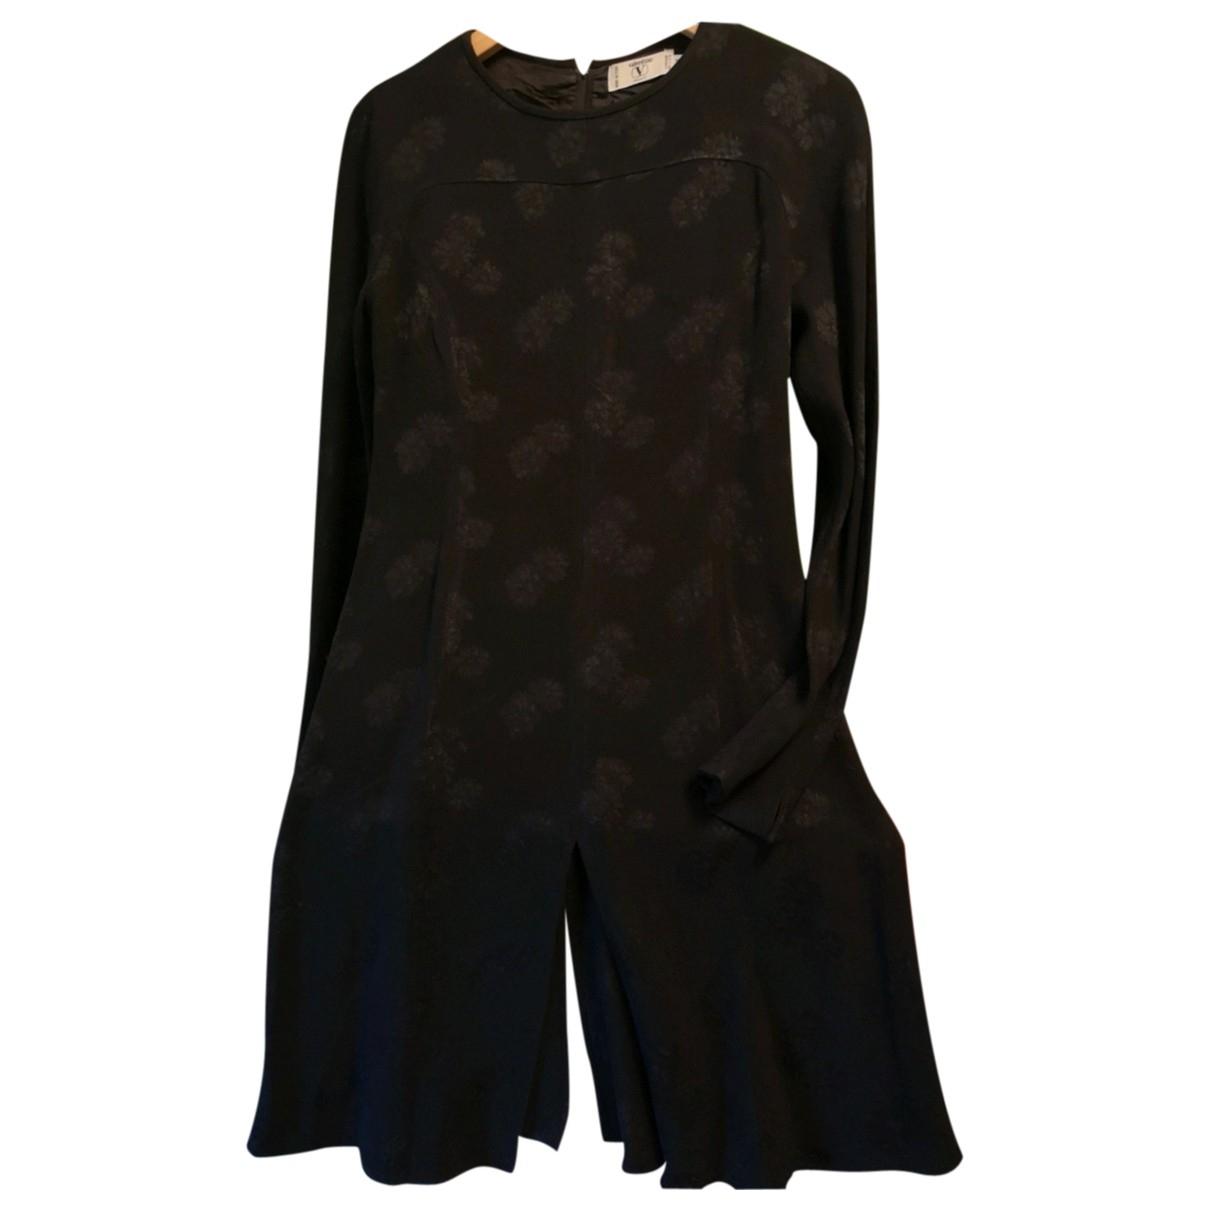 Valentino Garavani \N Kleid in  Schwarz Baumwolle - Elasthan